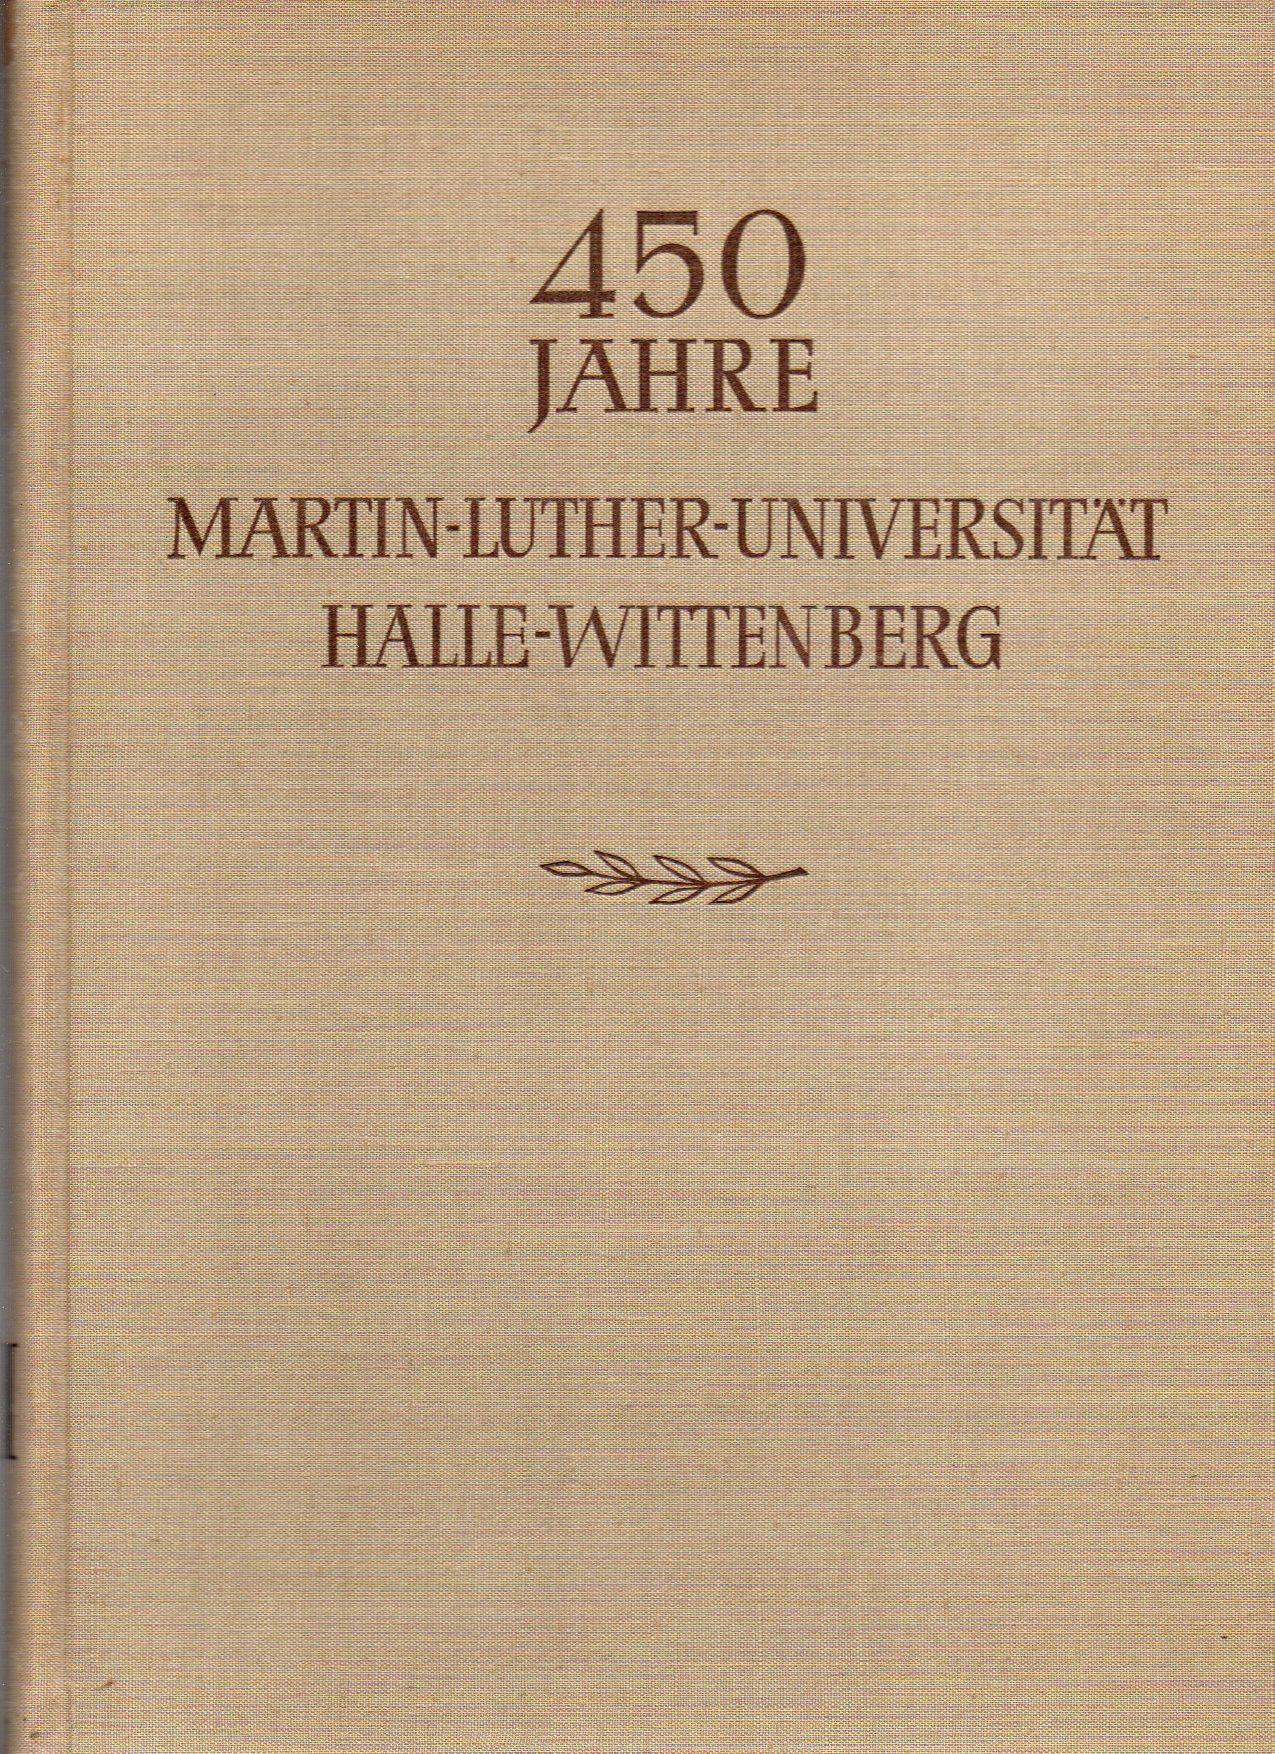 450 Jahre Martin-Luther-Universität Halle-Wittenberg Band 3: Martin-Luther-Universität Halle-Wittenberg (Hsg.)